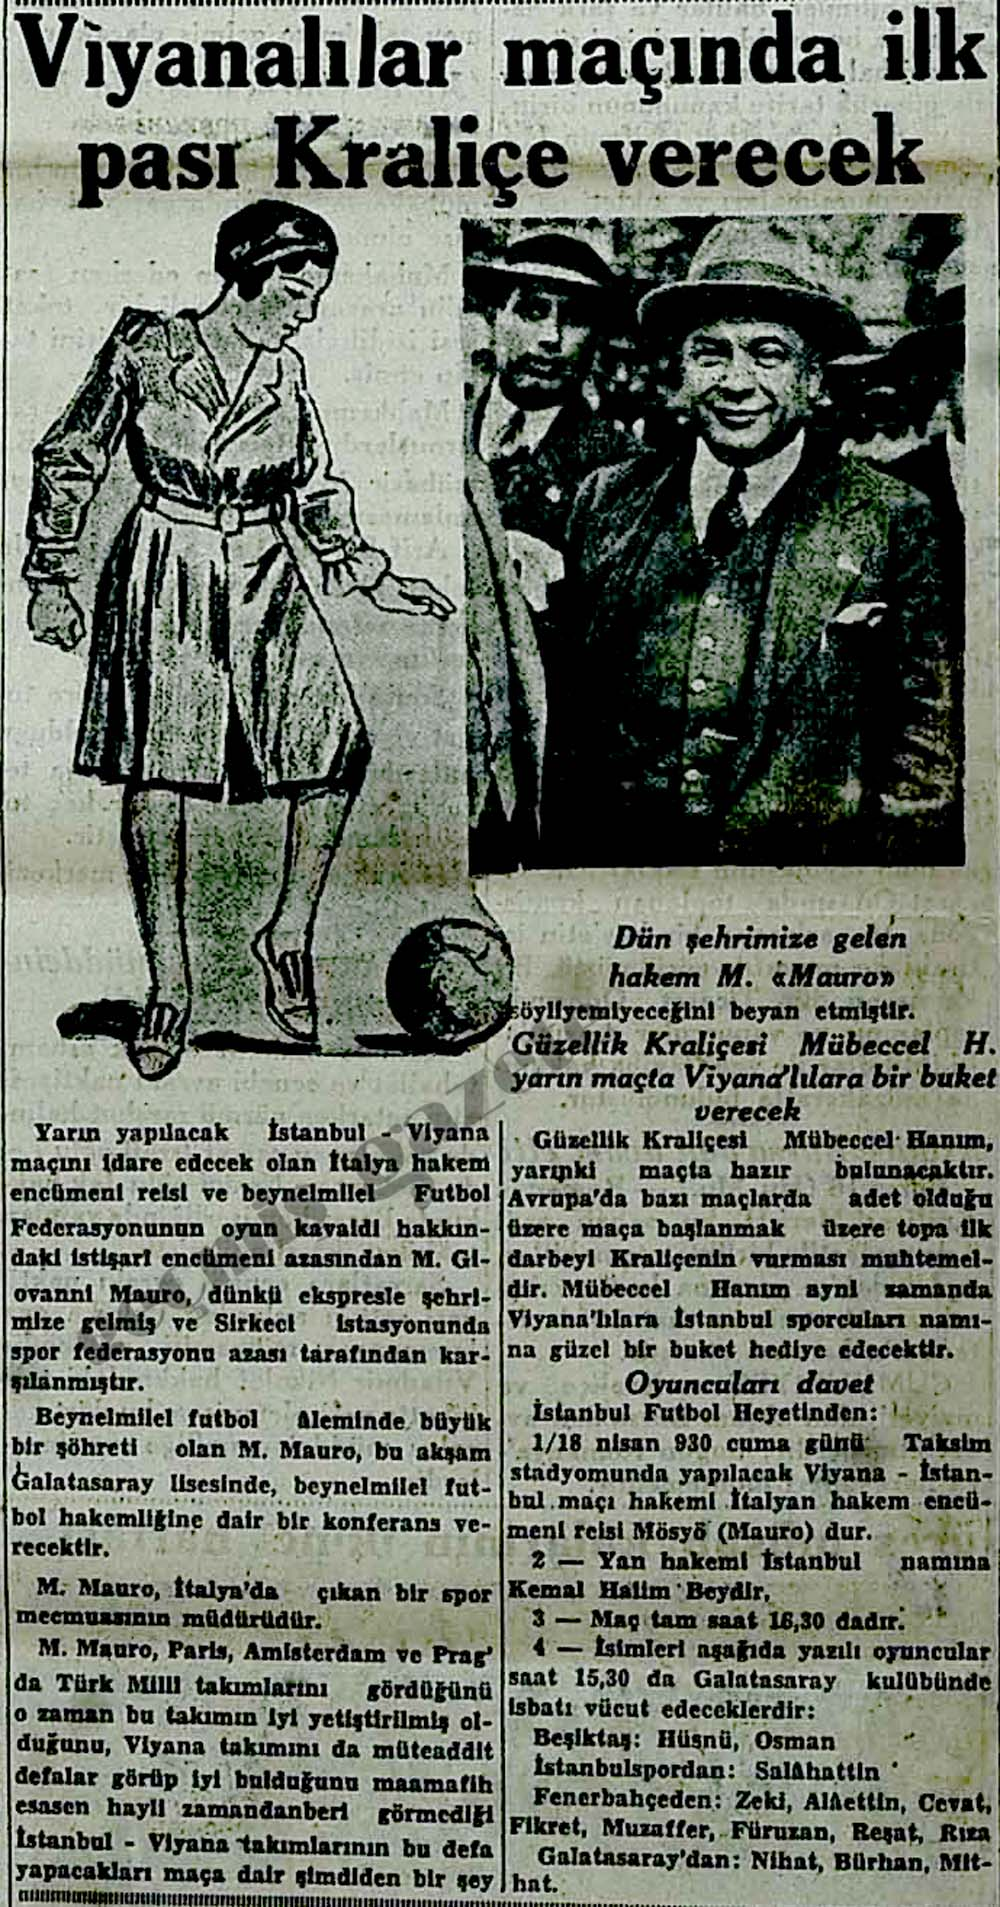 Viyanalılar maçında ilk pası Kraliçe Mübeccel H. verecek